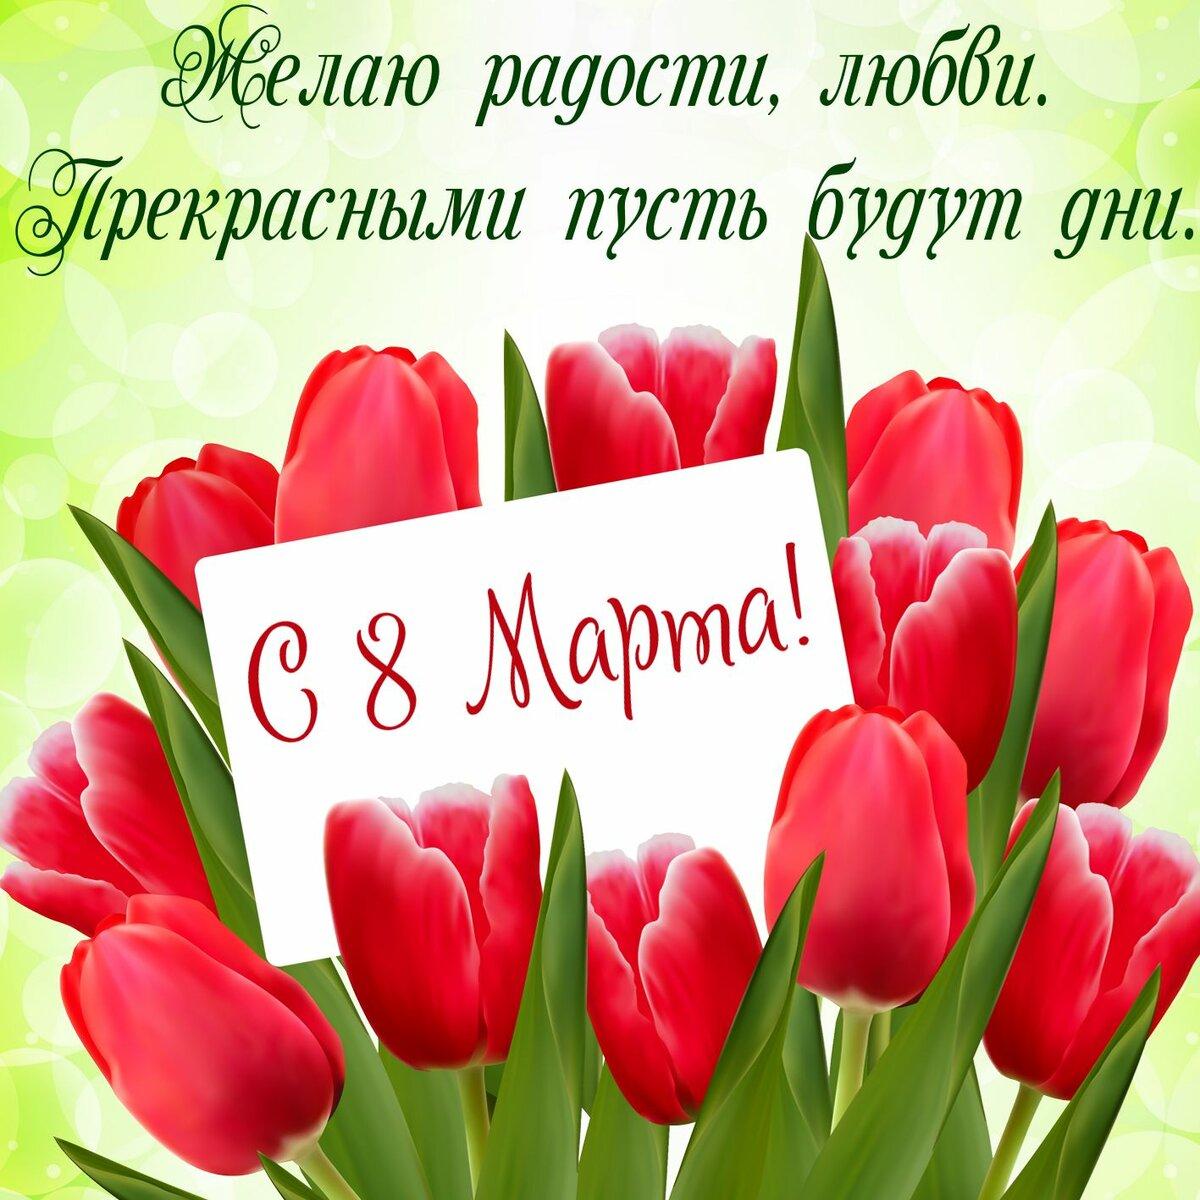 красивые открытки с 8 марта с поздравлением хорошим качеством фото всего получается удалить